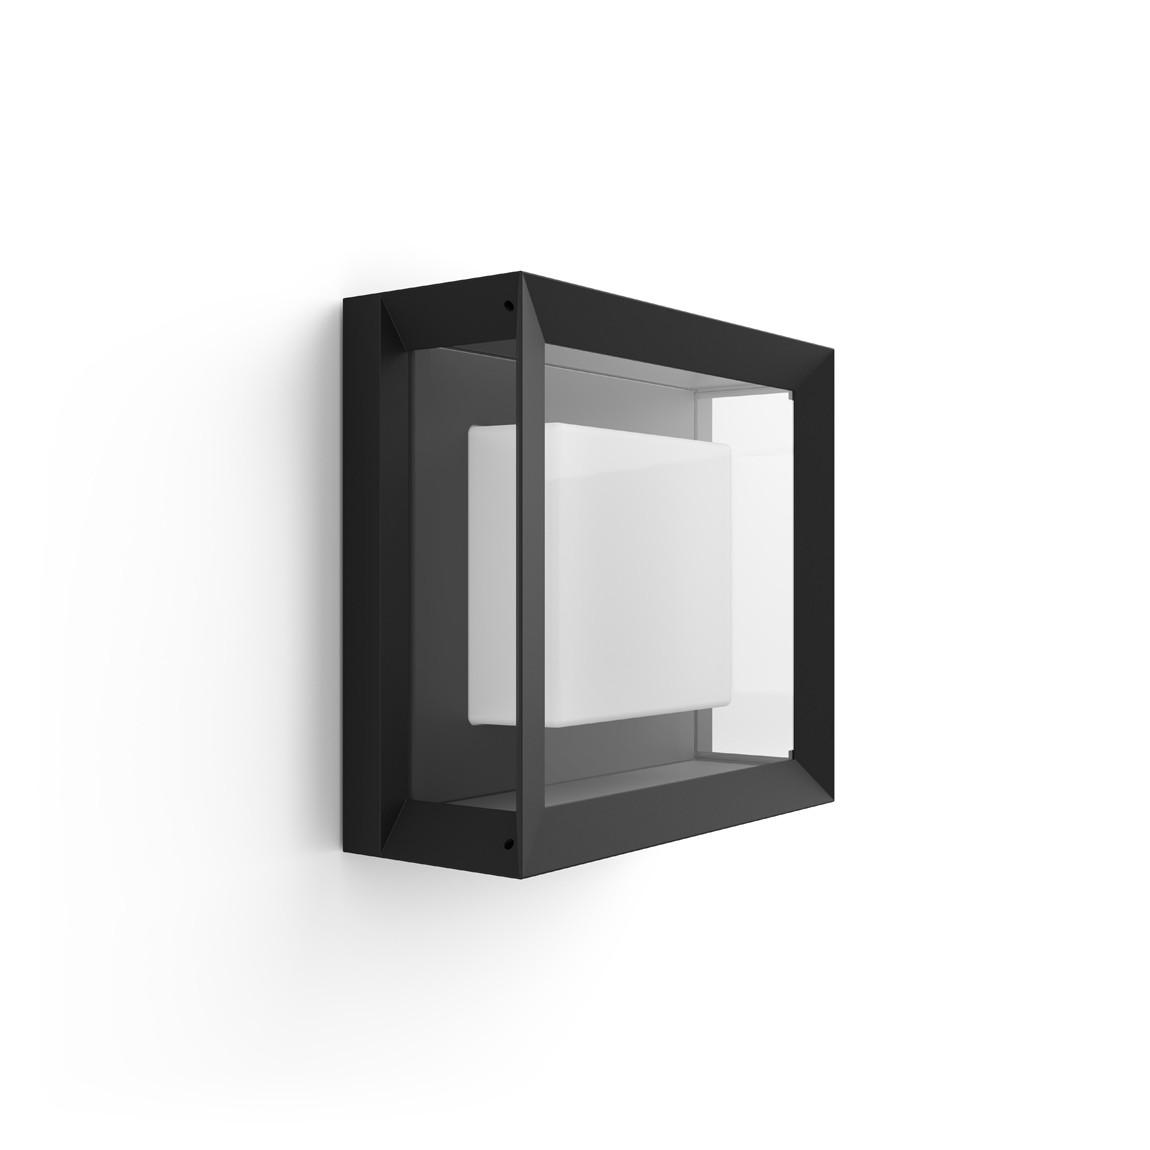 Philips Hue LED Wandleuchte Quadratisch Econic - Schwarz